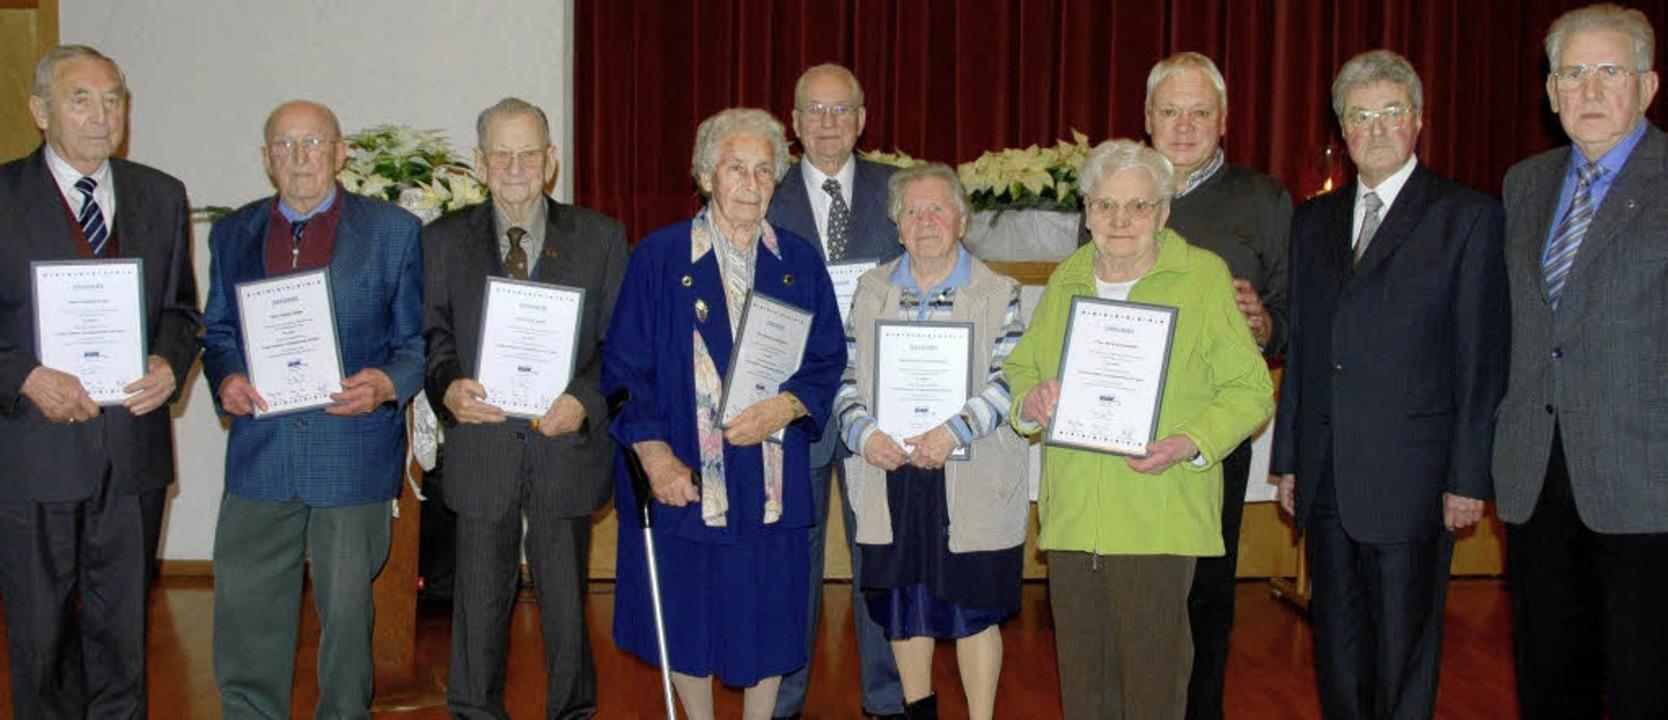 Ehrungen langjähriger Mitglieder nahme... Geburtstag des VdK-Ortsverbands vor.     Foto: Roland Vitt